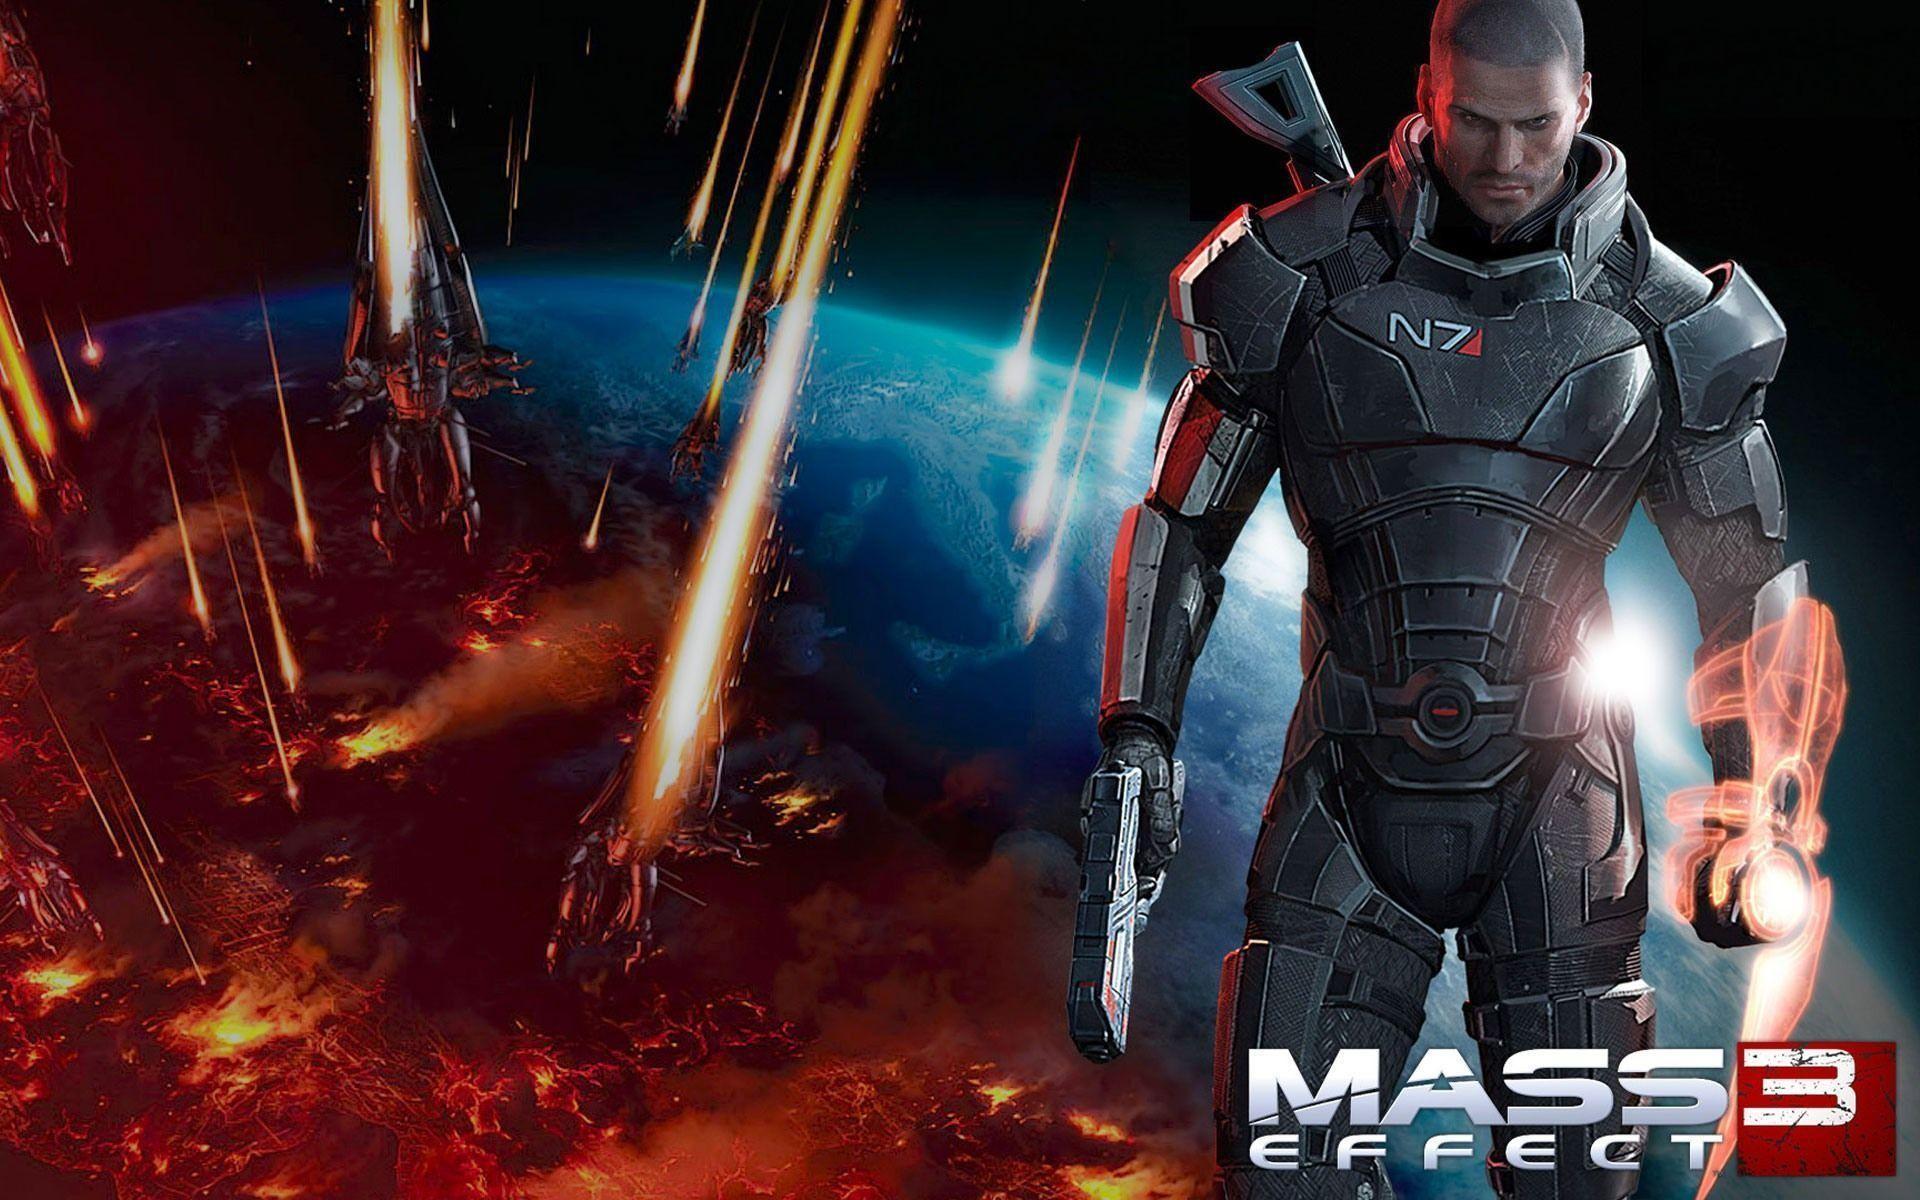 Mass Effect 3 desktop wallpaper